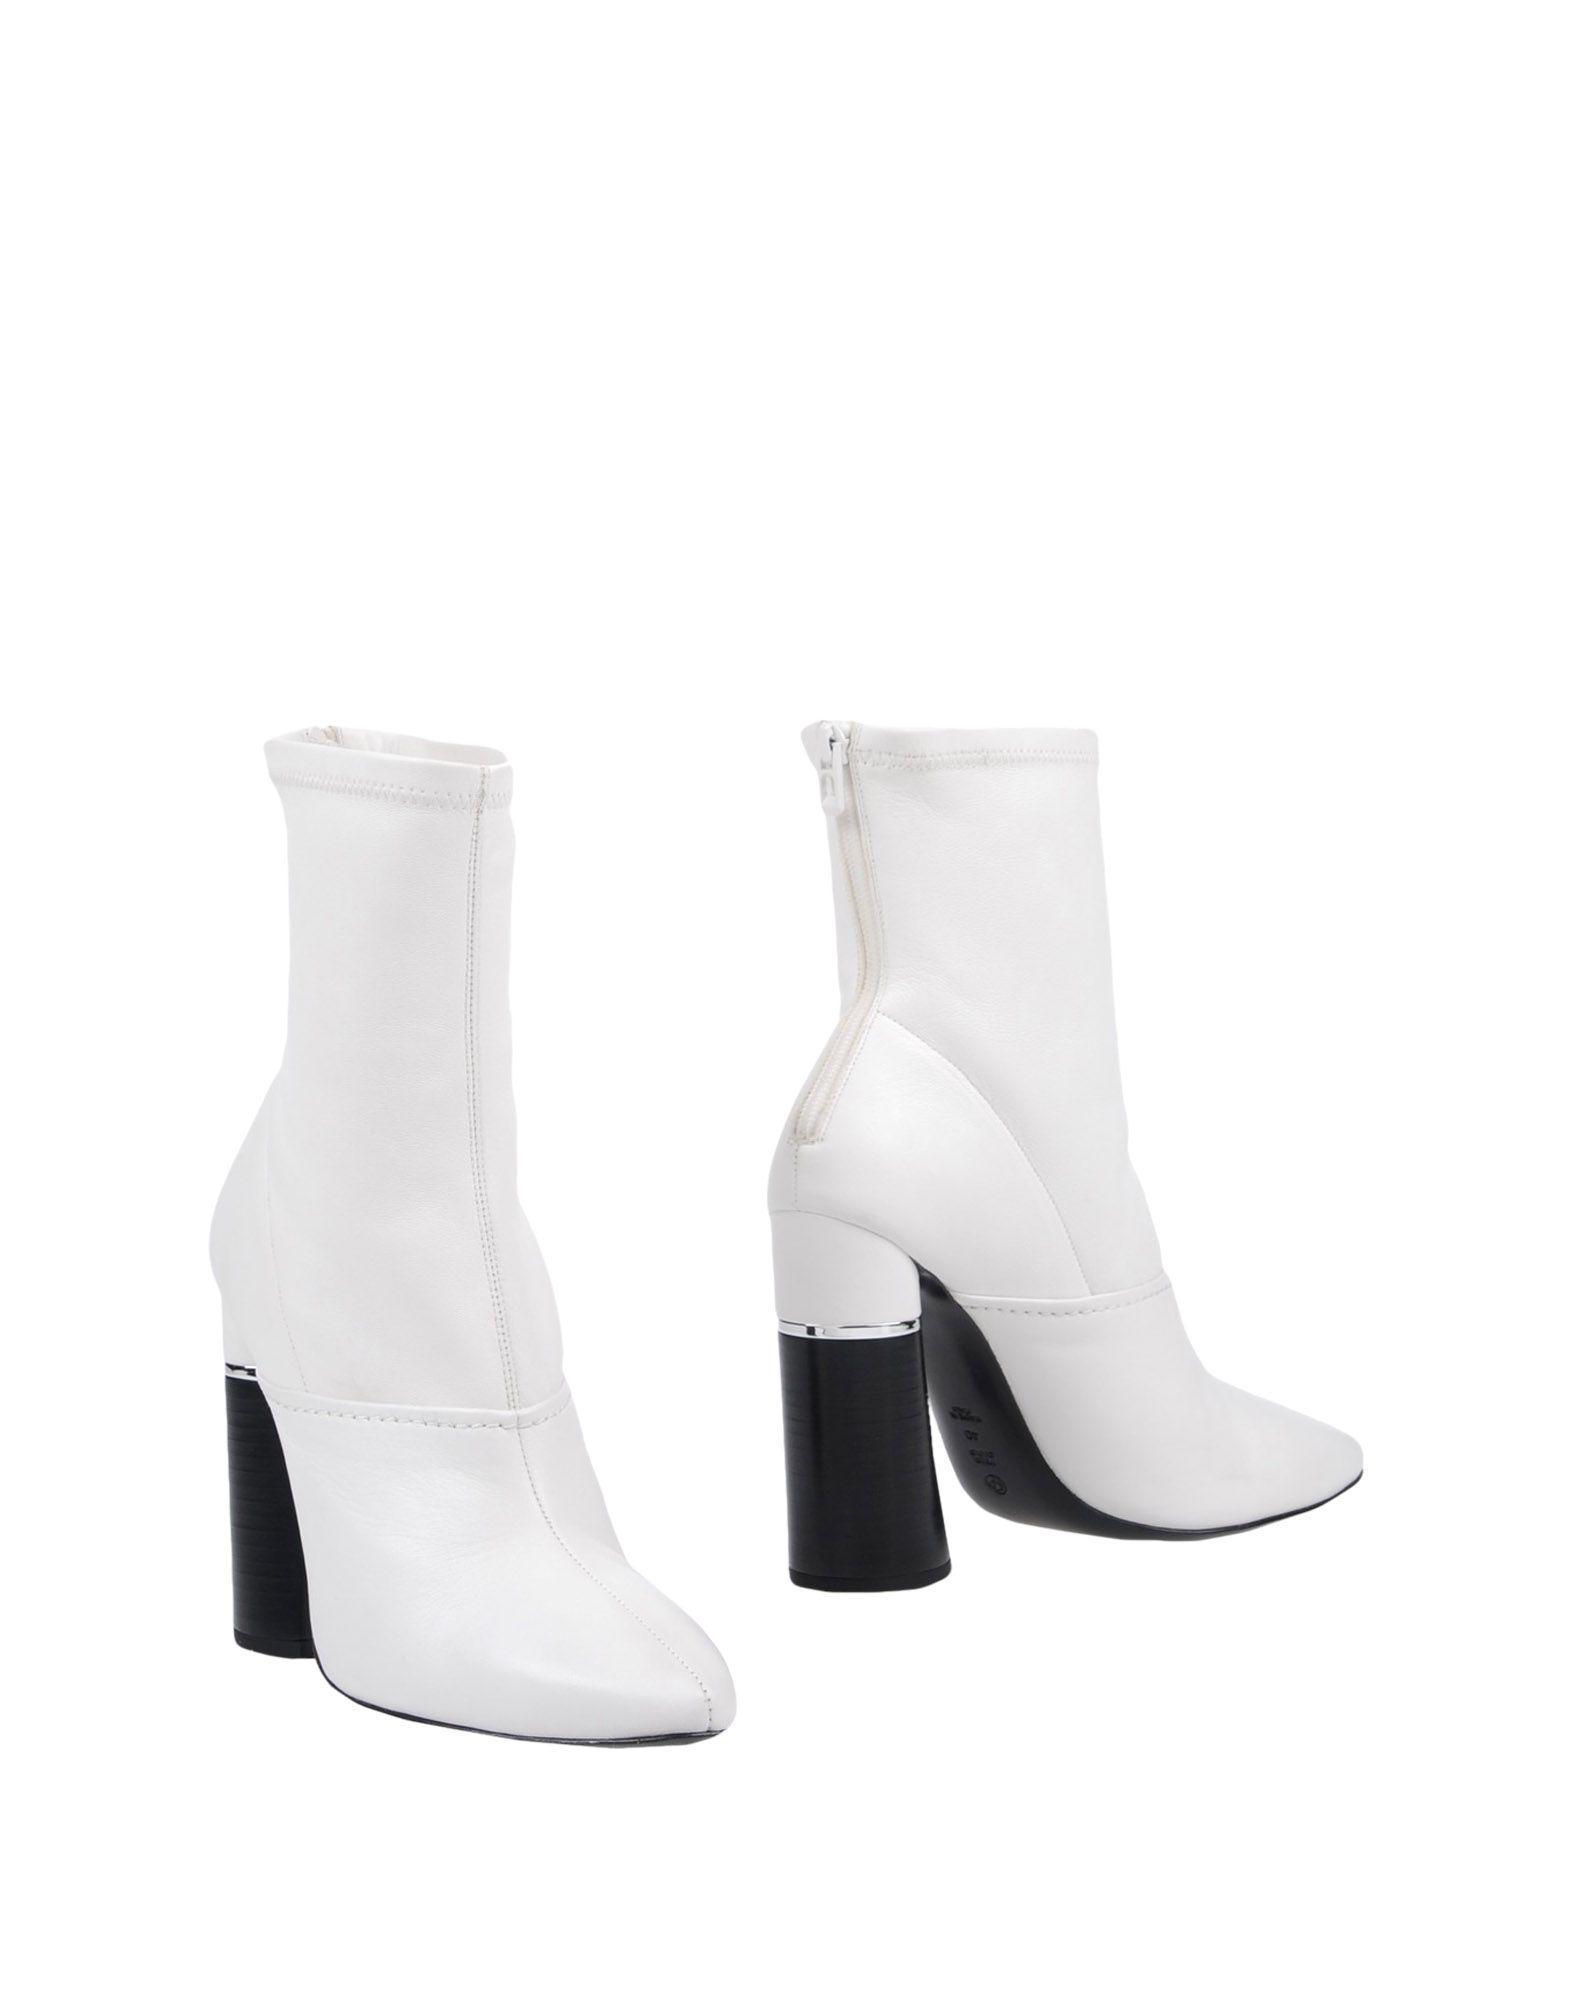 Rabatt Schuhe 3.1 Phillip Lim Stiefelette Damen  11448553IF